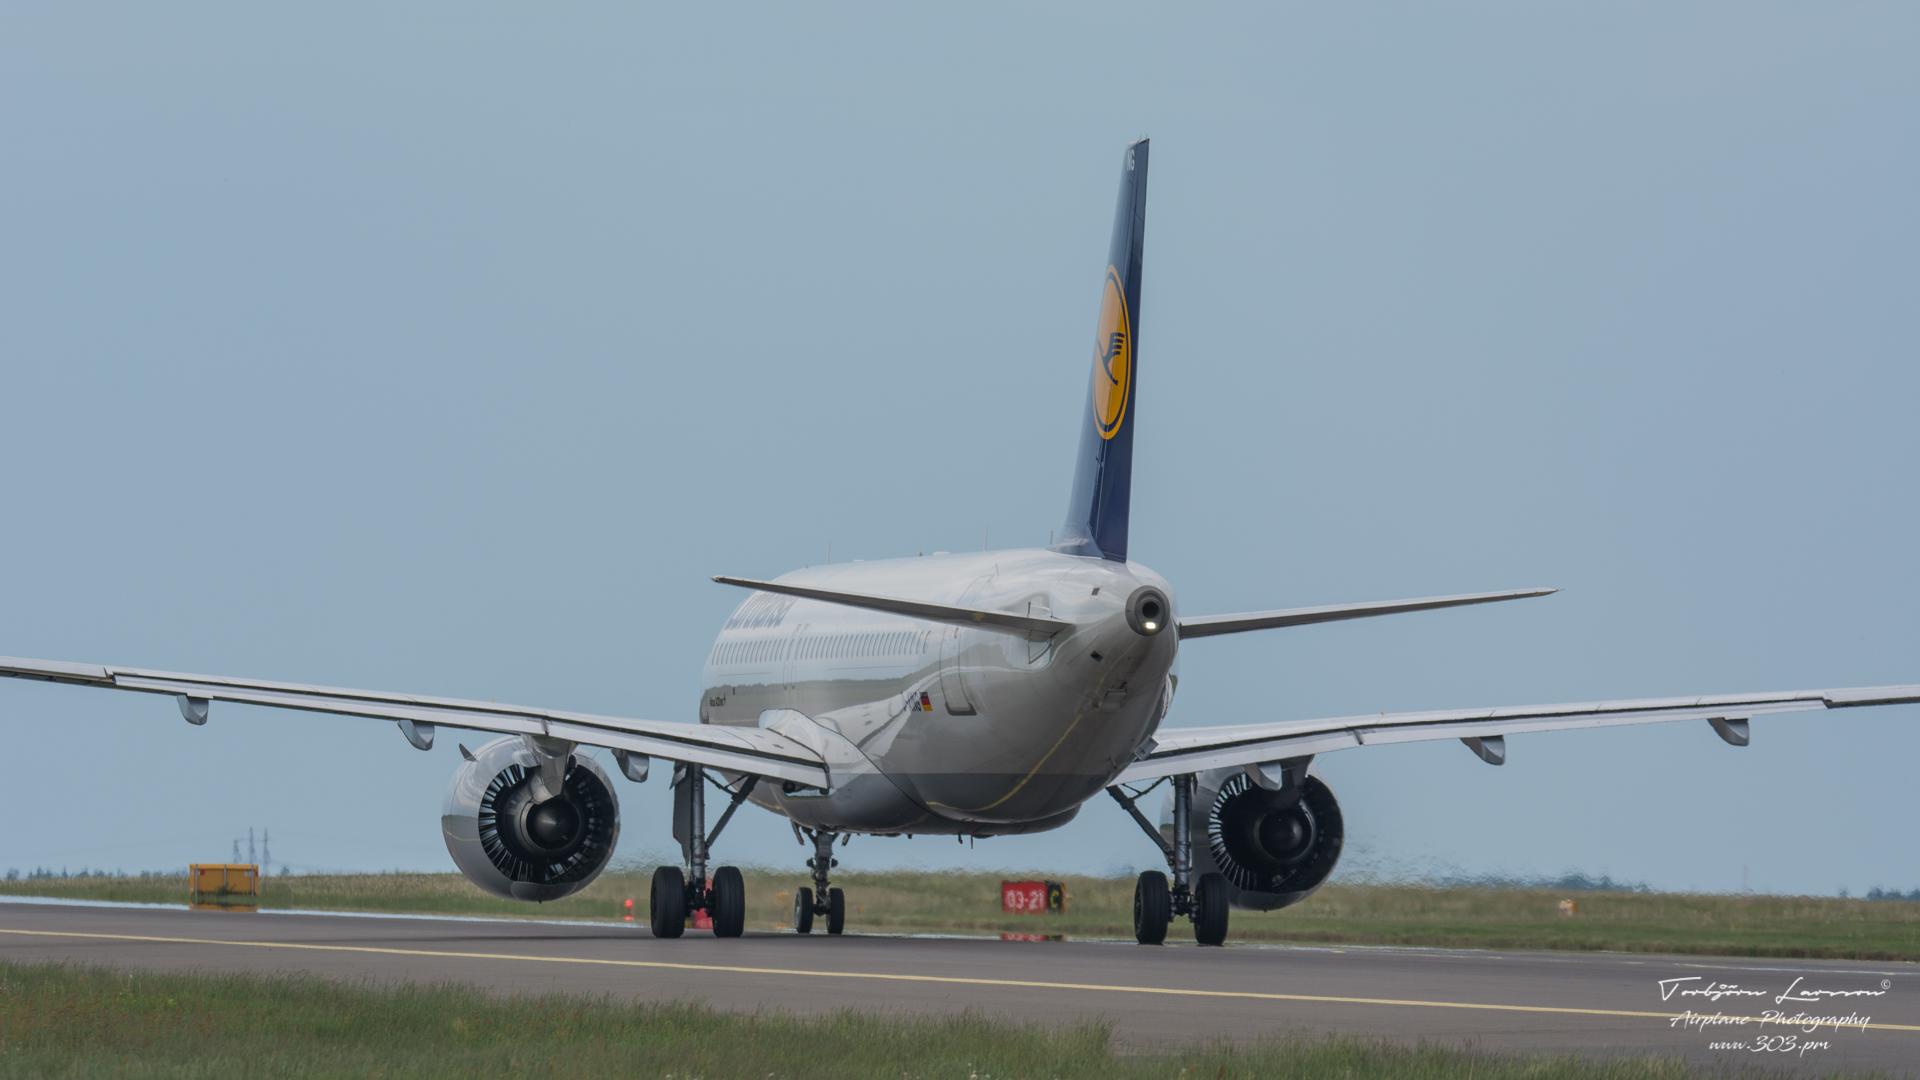 TBE_8201-Airbus A320-271N(SL) - Lufthansa - (D-AING)